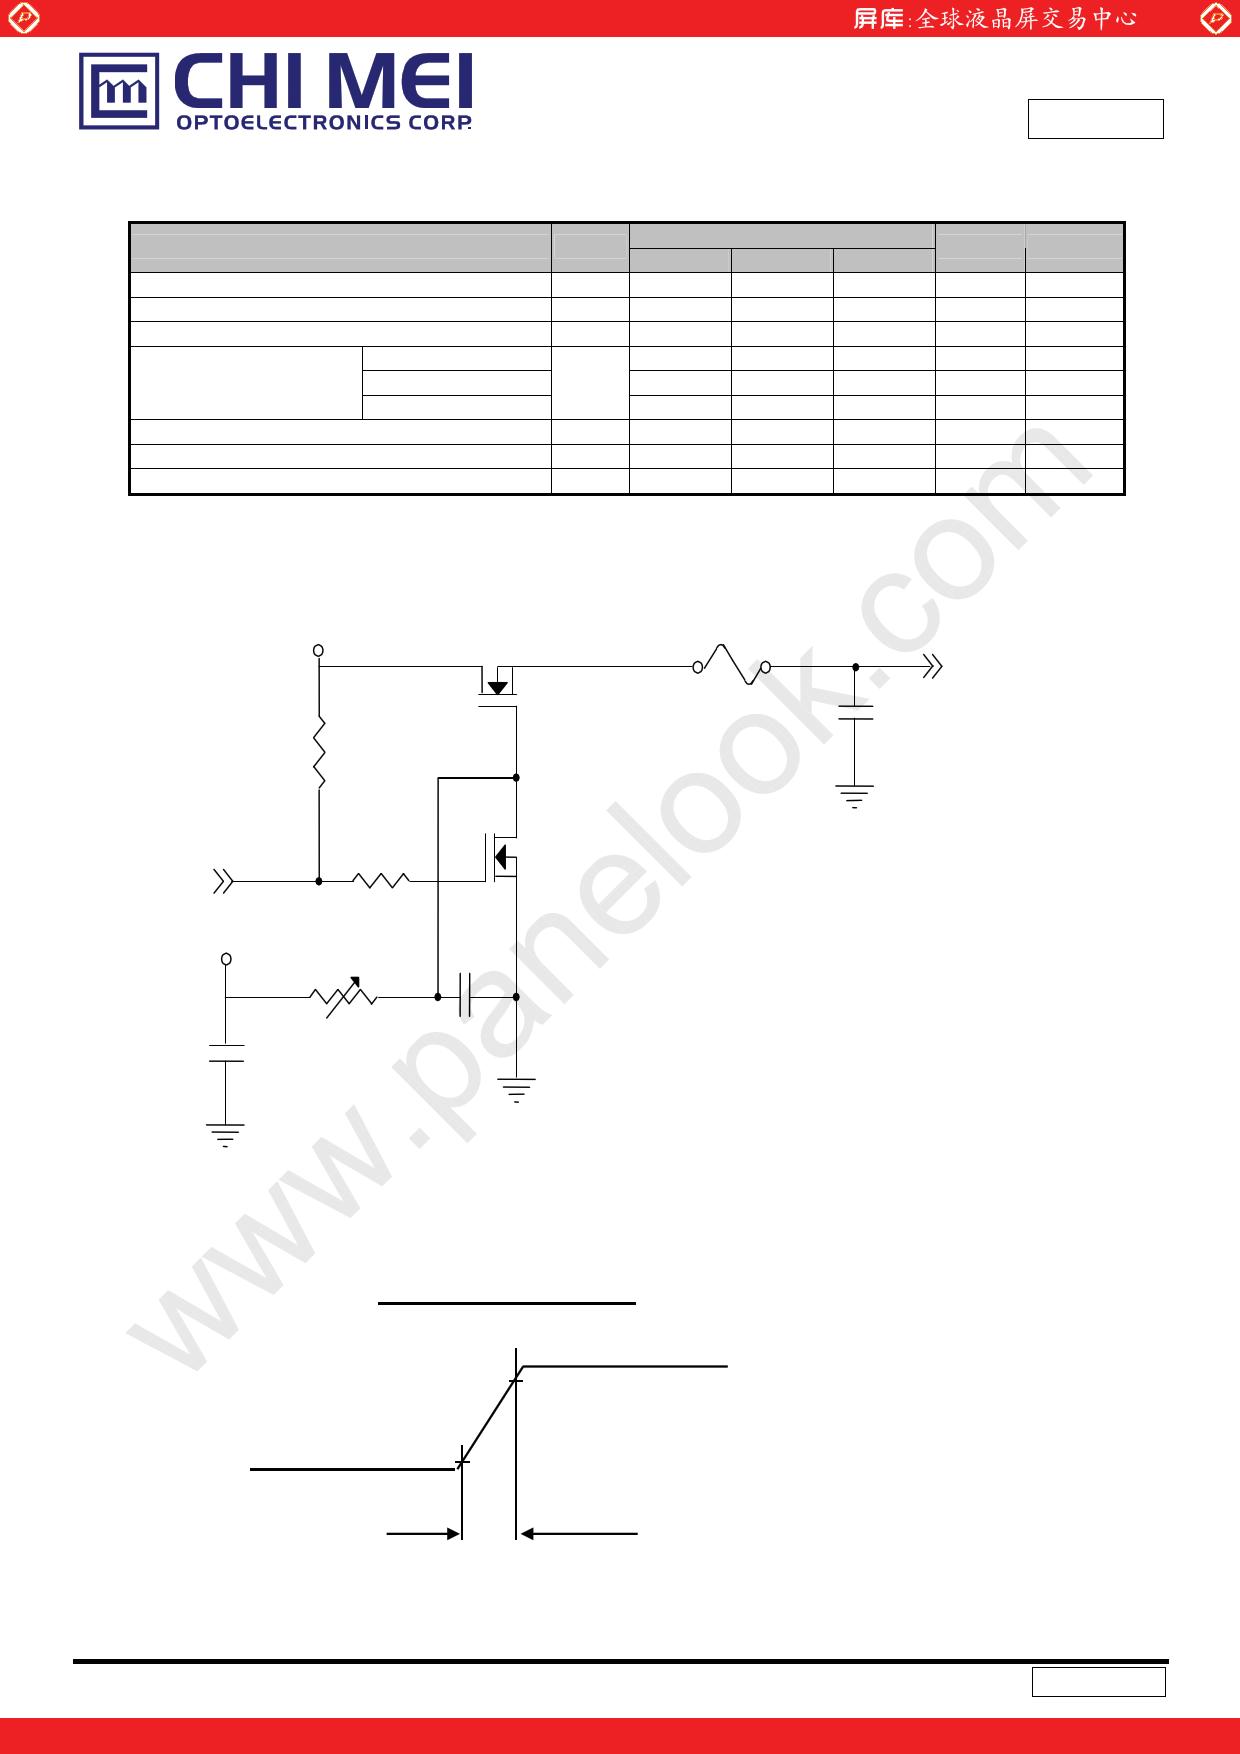 M215H1-P01 전자부품, 판매, 대치품